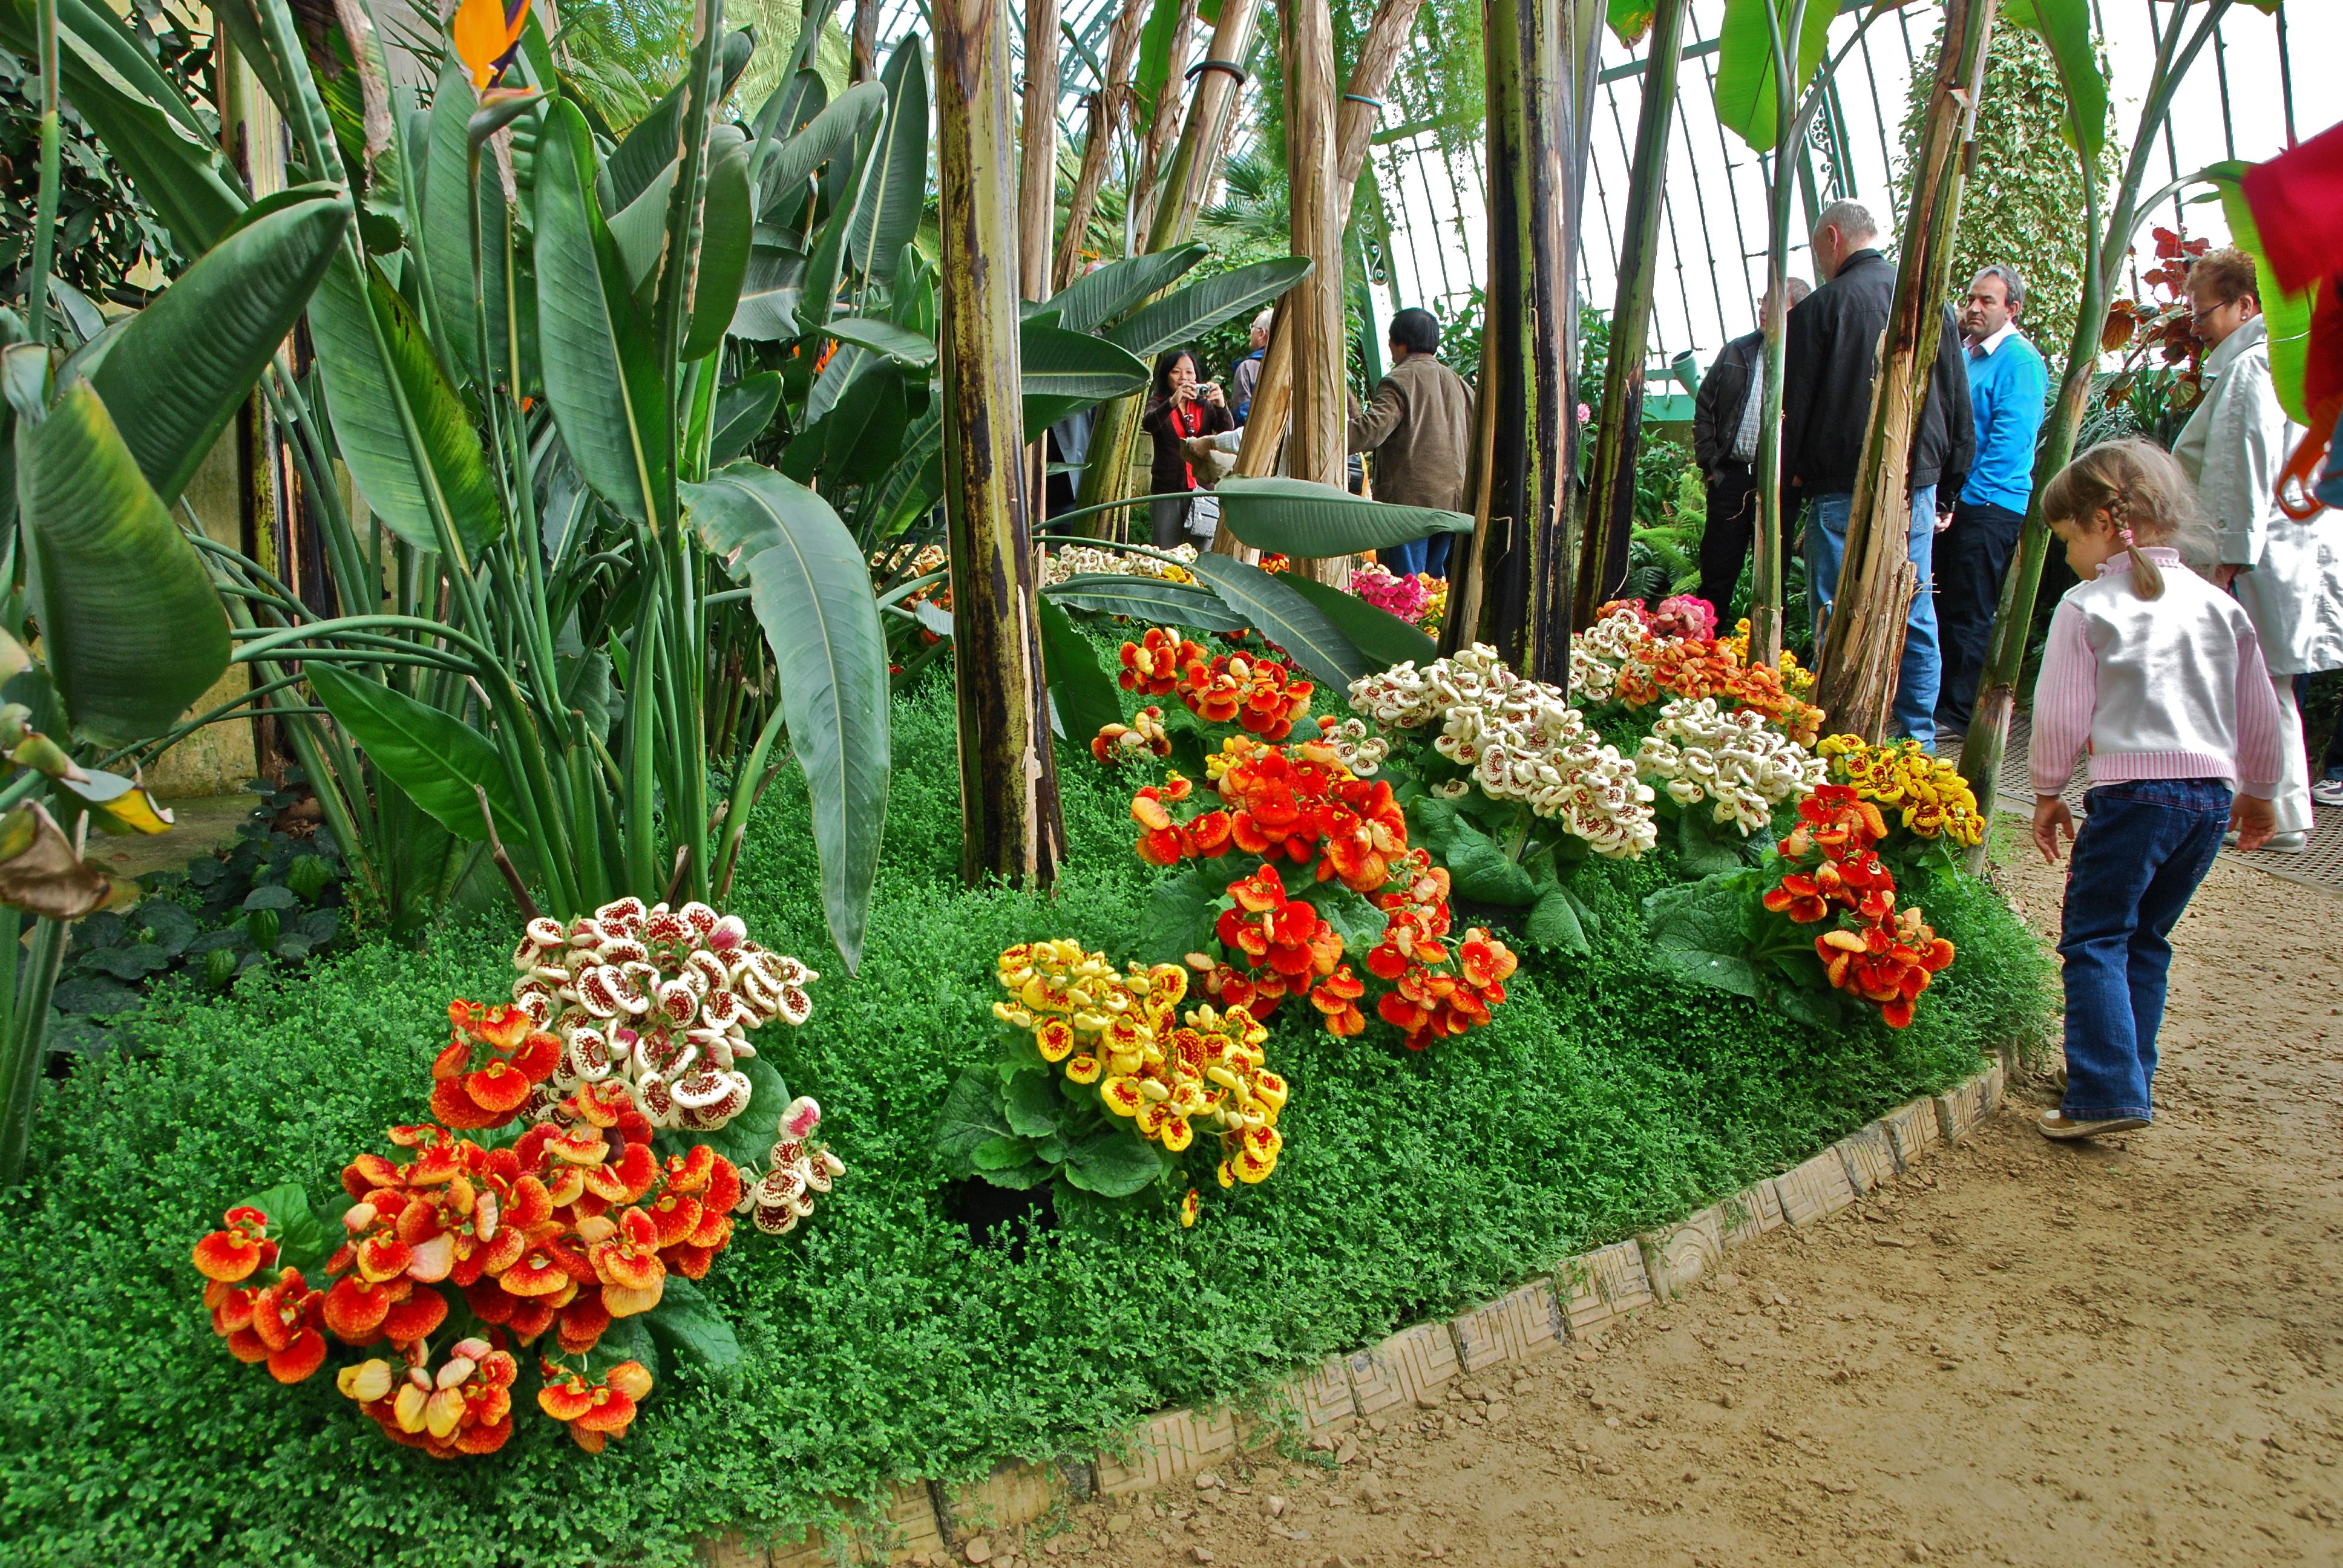 Parterre de fleurs multicolores au jardin d 39 hiver flickr for Parterre de fleurs